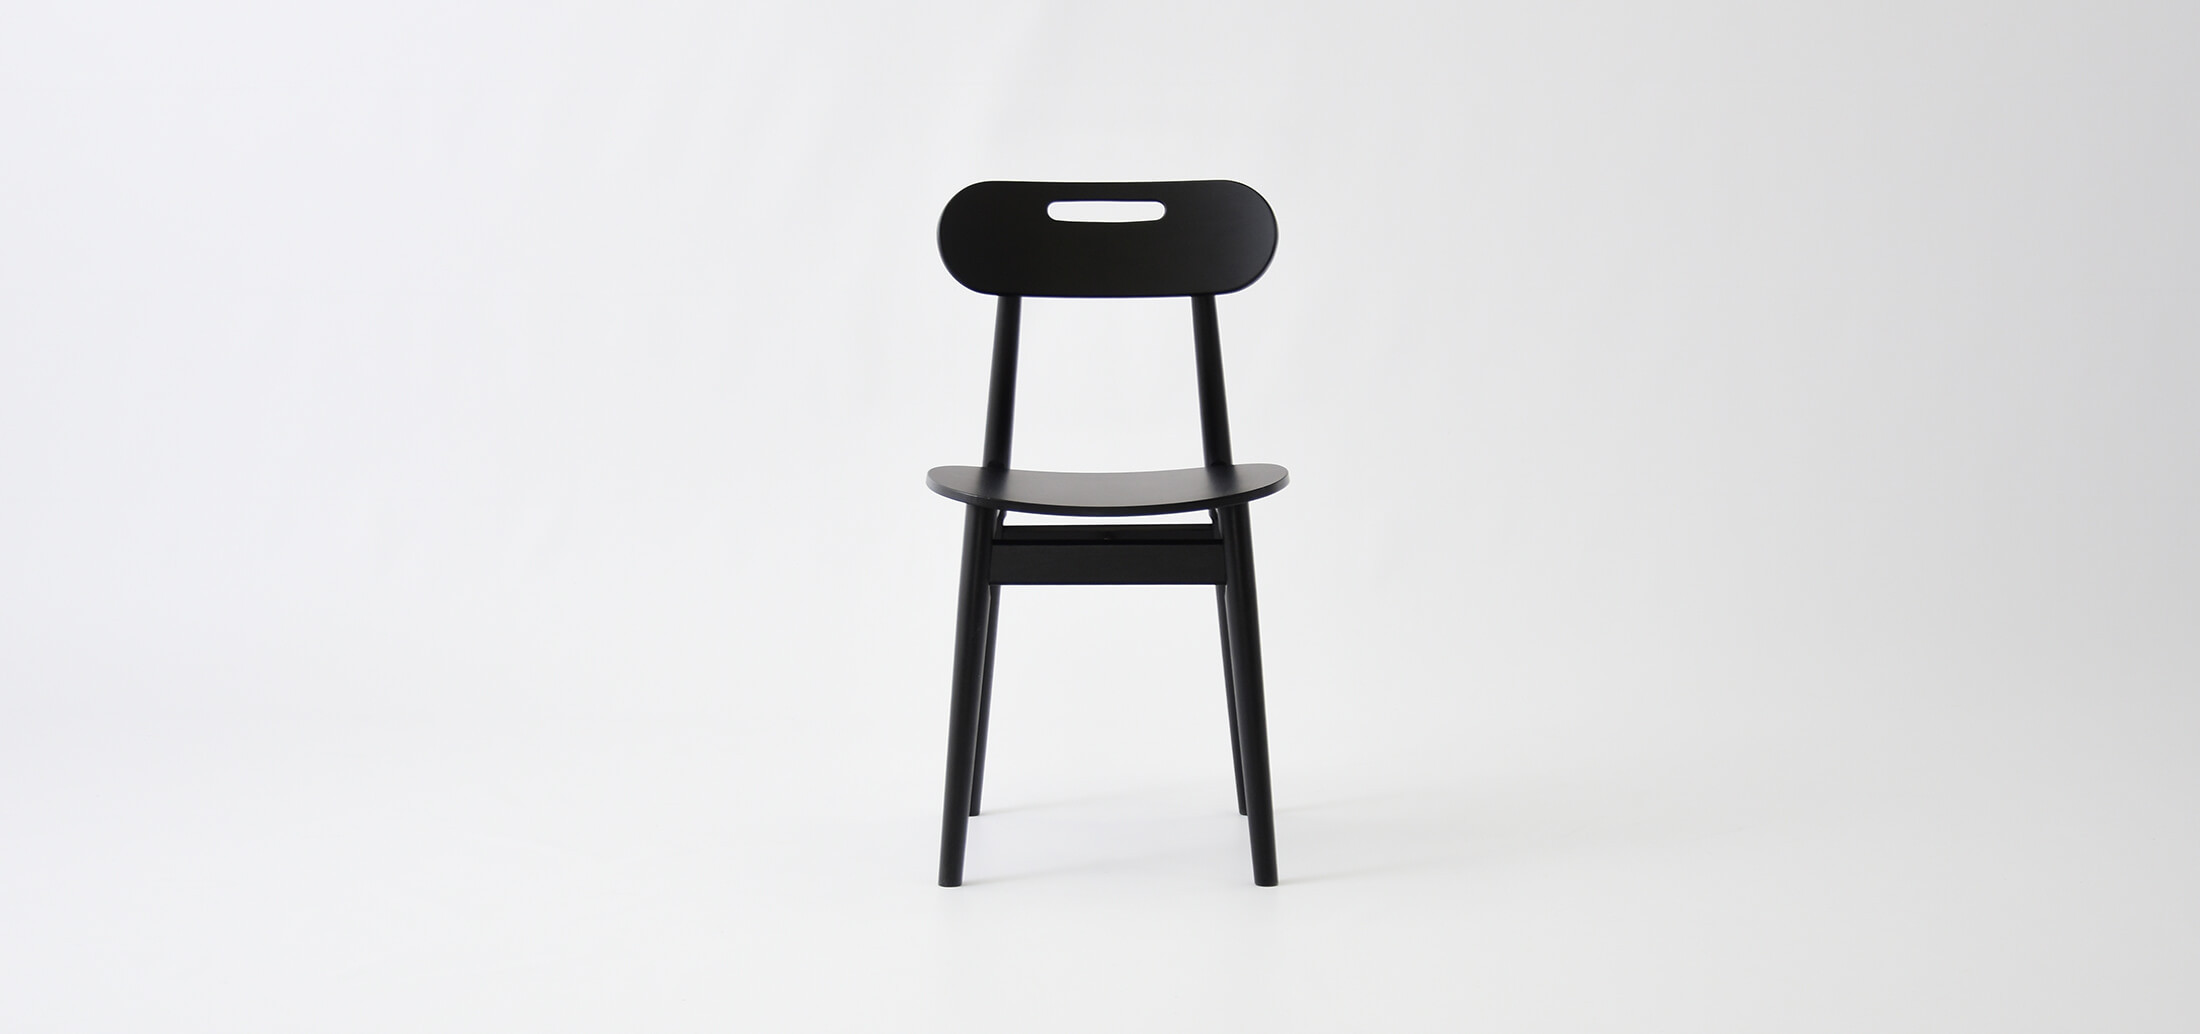 nowoczesne-drewniane-czarne-krzeslo.jpg